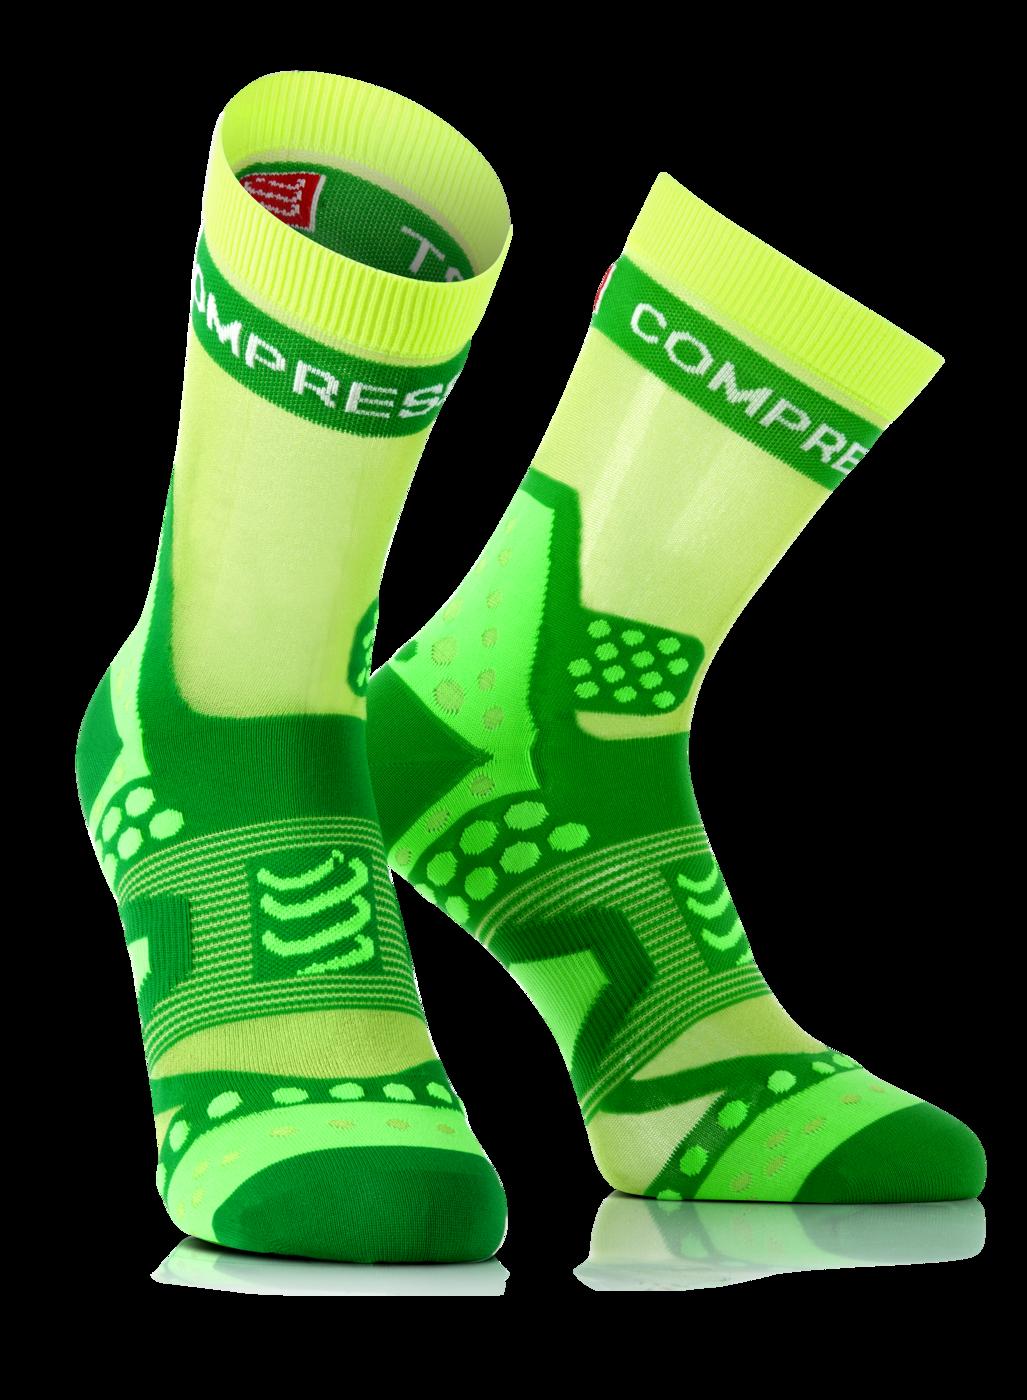 ultralight run - green